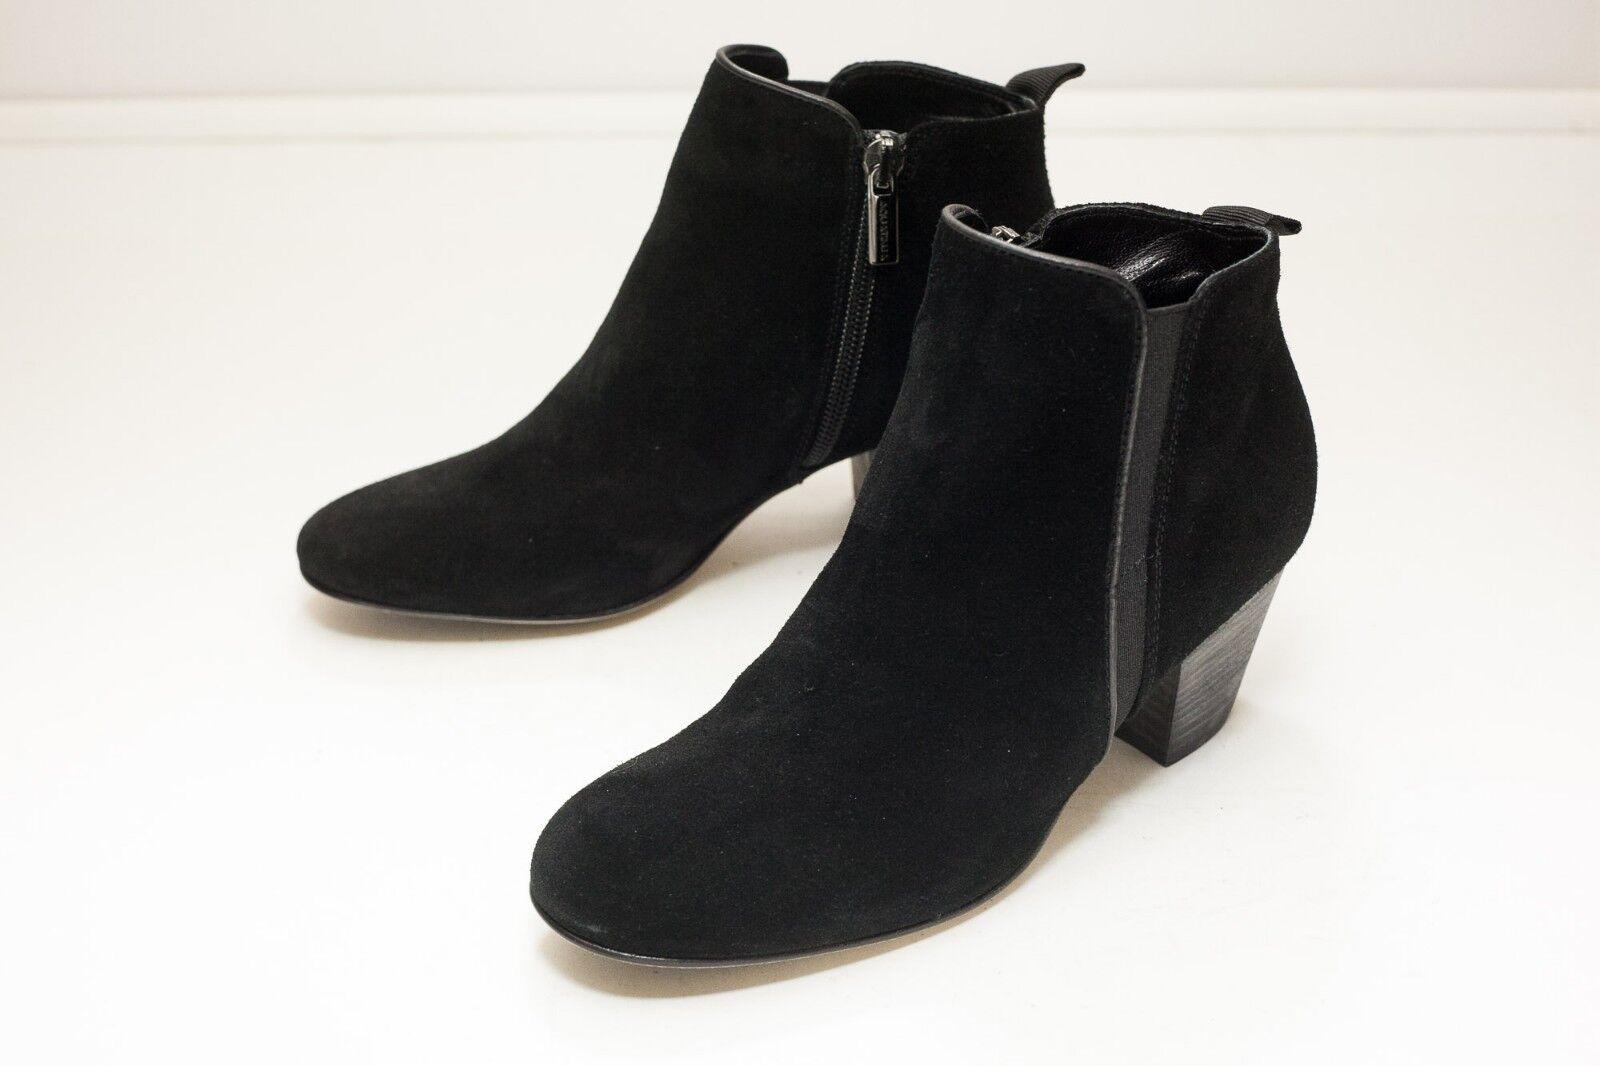 Aquatalia 5.5 Black Suede Ankle Boots Zip Zip Zip Women's  5abe5d